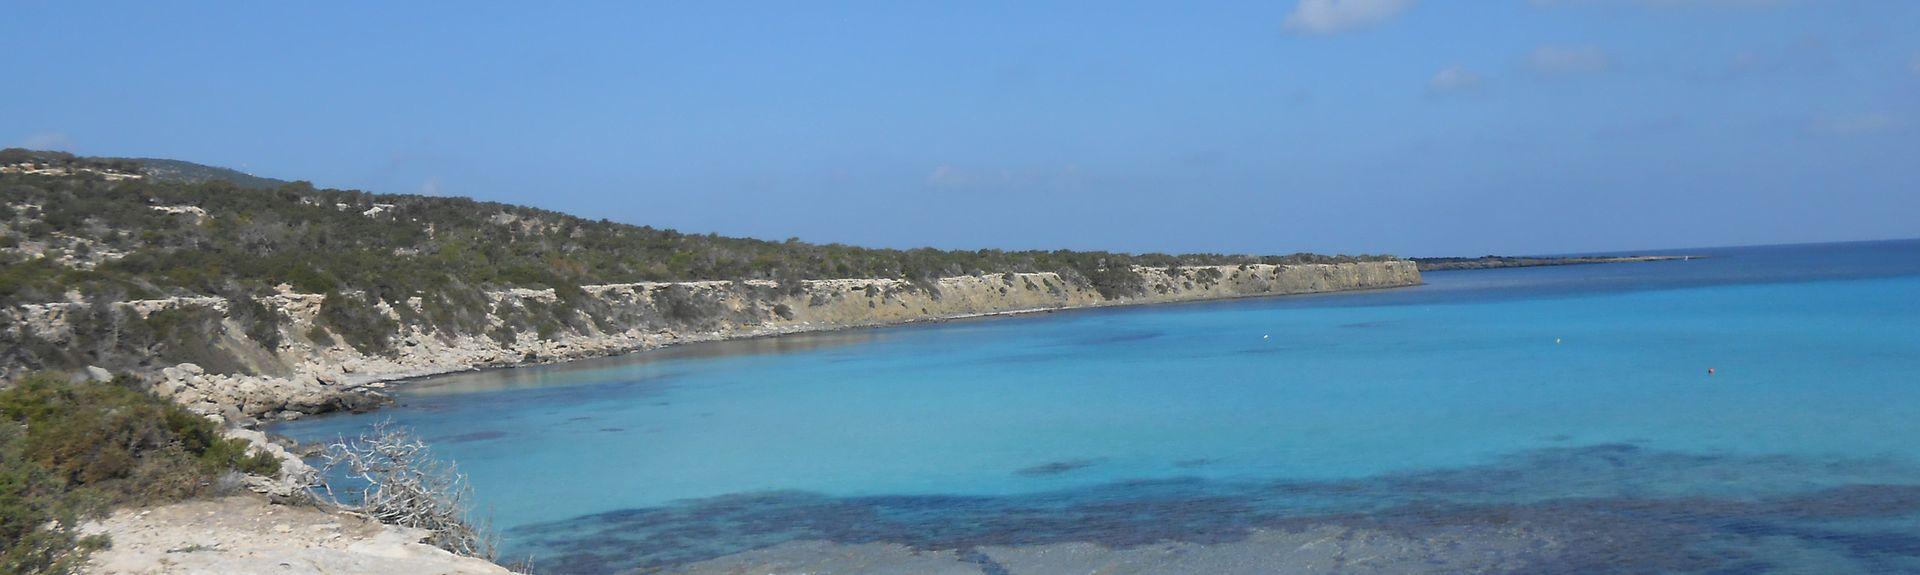 Neo Chorio, Pafos, Cypr